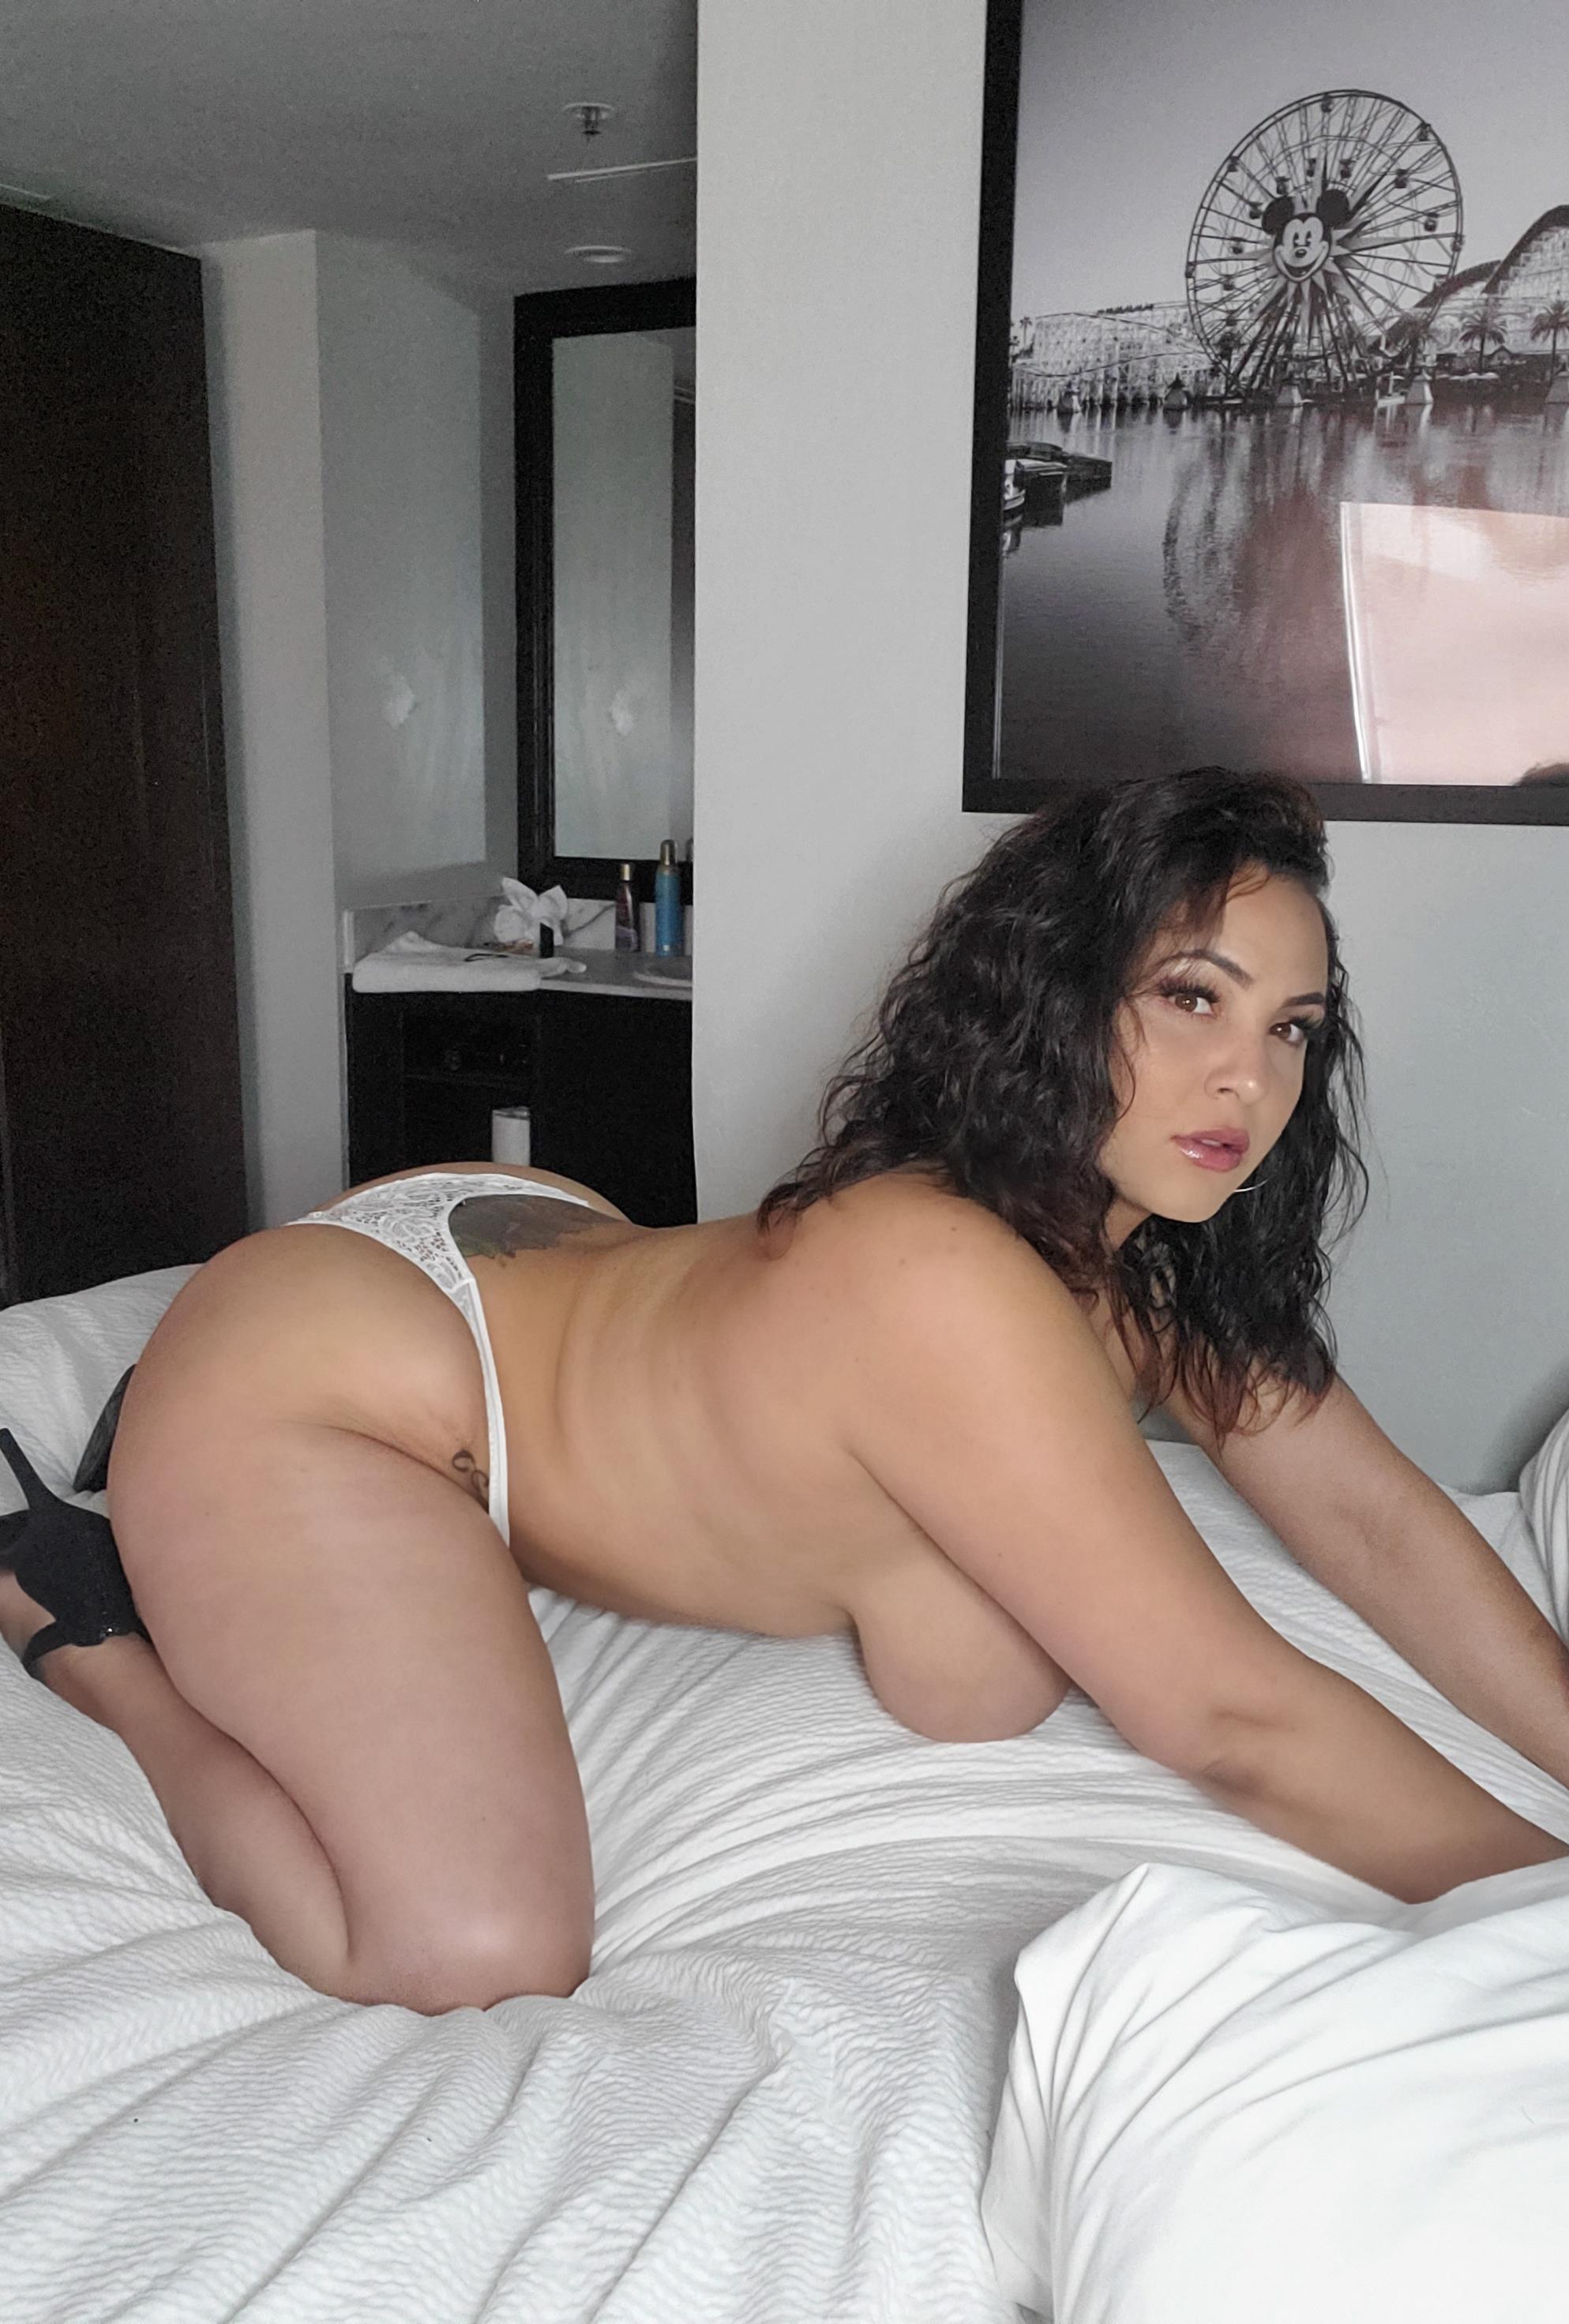 Justine brown 4